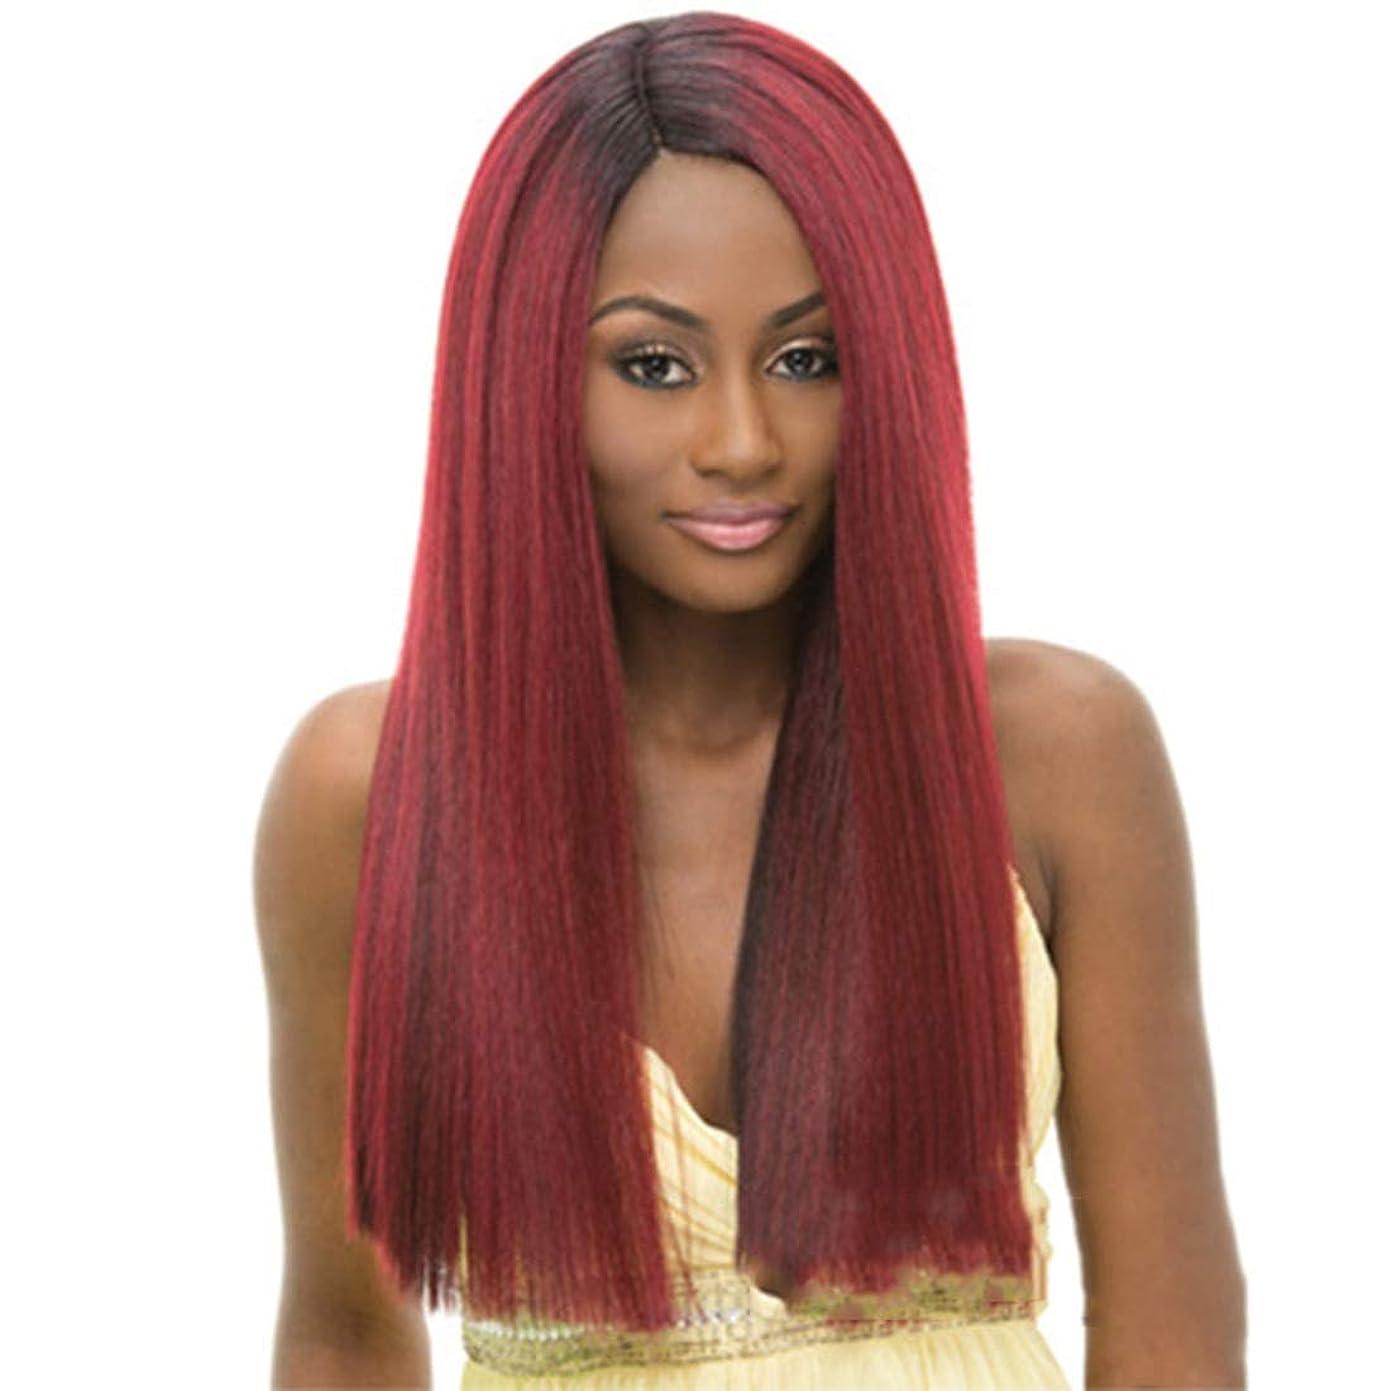 ループめまいがもしKoloeplf パーティーのための女性の長いスティードヘアウィッグは、結婚式の仮装ナイトクラブの小道具をドレスアップ (Color : Straight hair oblique bangs)